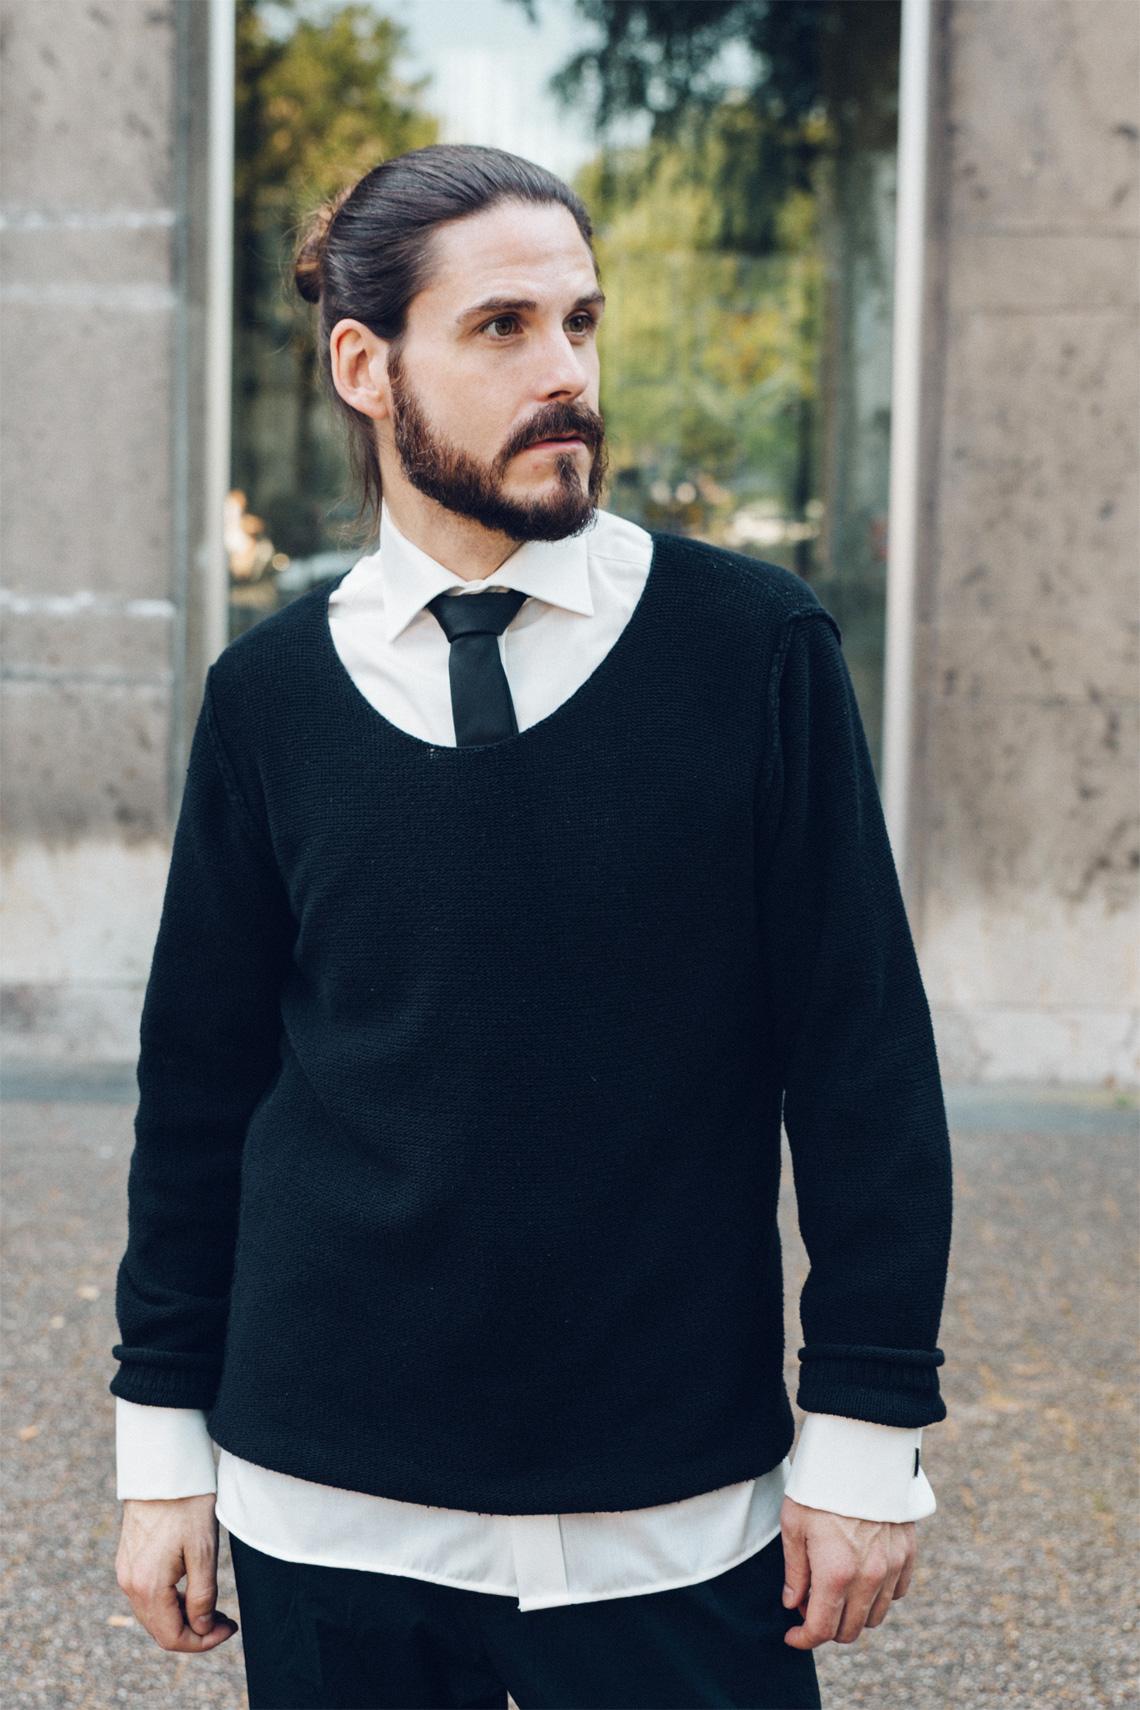 kaisers-neue-kleider-modeblog-maenner-schoolboy-look-hemd-krawatte-sportliche-hose-laessiger-style